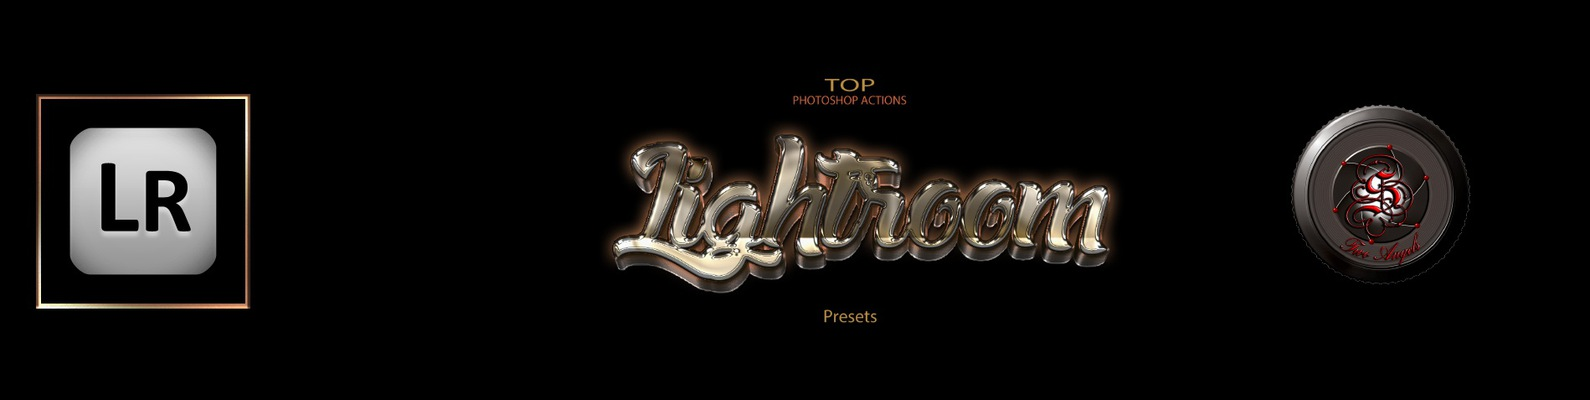 Presets Lightroom | VK